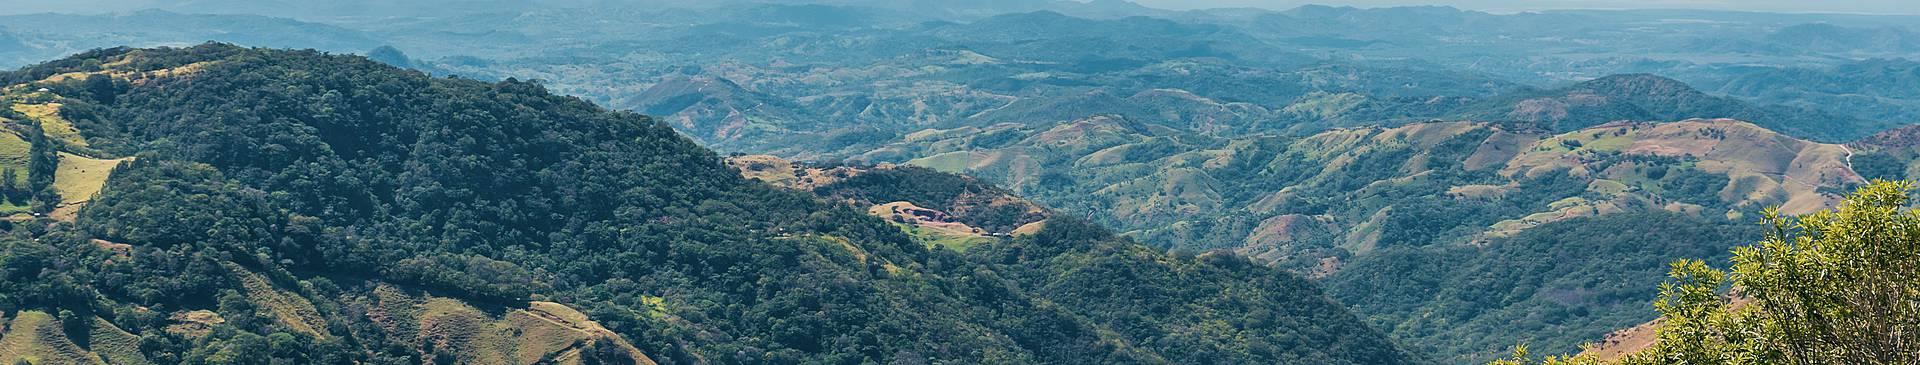 Natuurreis in Costa Rica